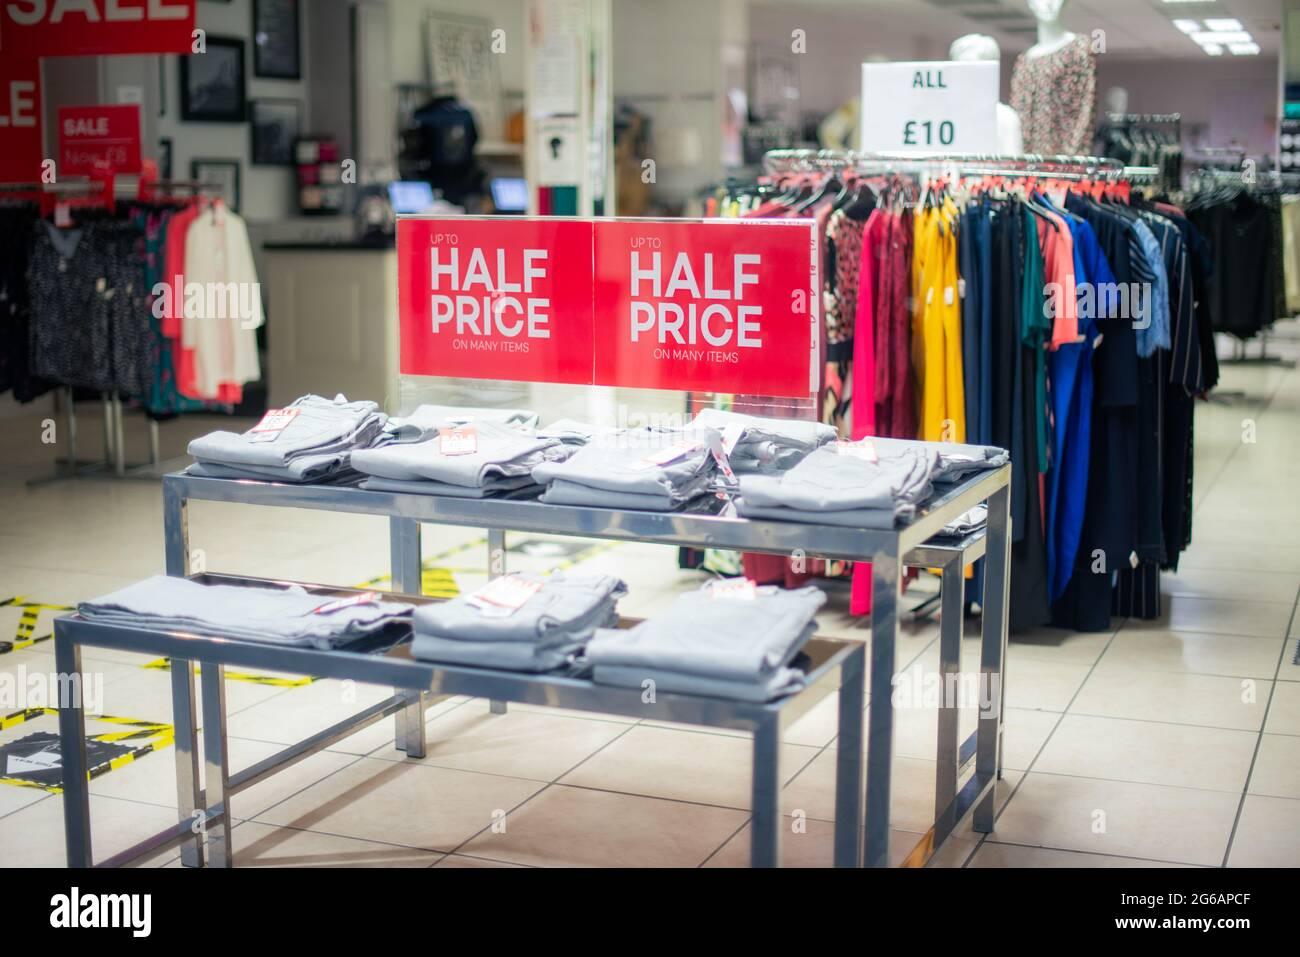 Affiche de vente dans la boutique de vêtements. Grande réduction en raison de la fermeture du magasin. Point de vente à prix réduit. Black friday, concept de lendemain de Noël. Mise au point sélective. Copier sp Banque D'Images